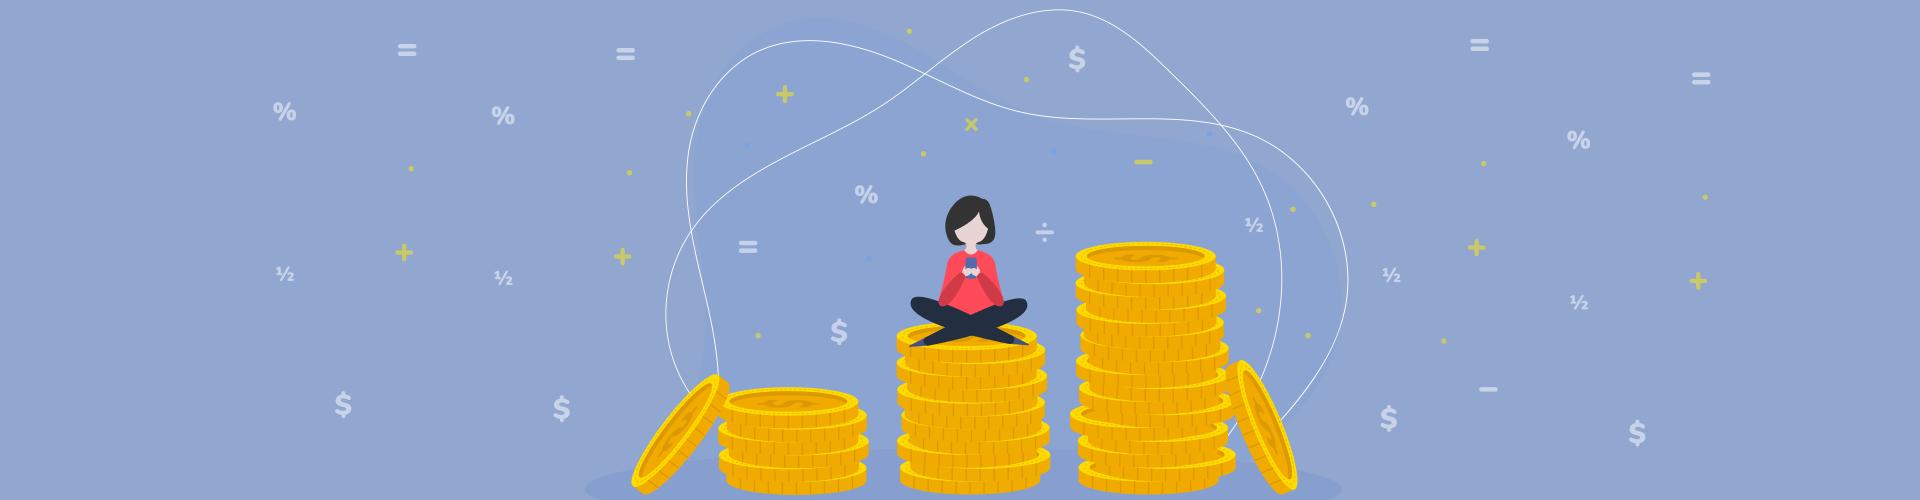 Семь способов перестать тратить лишние деньги на одежду